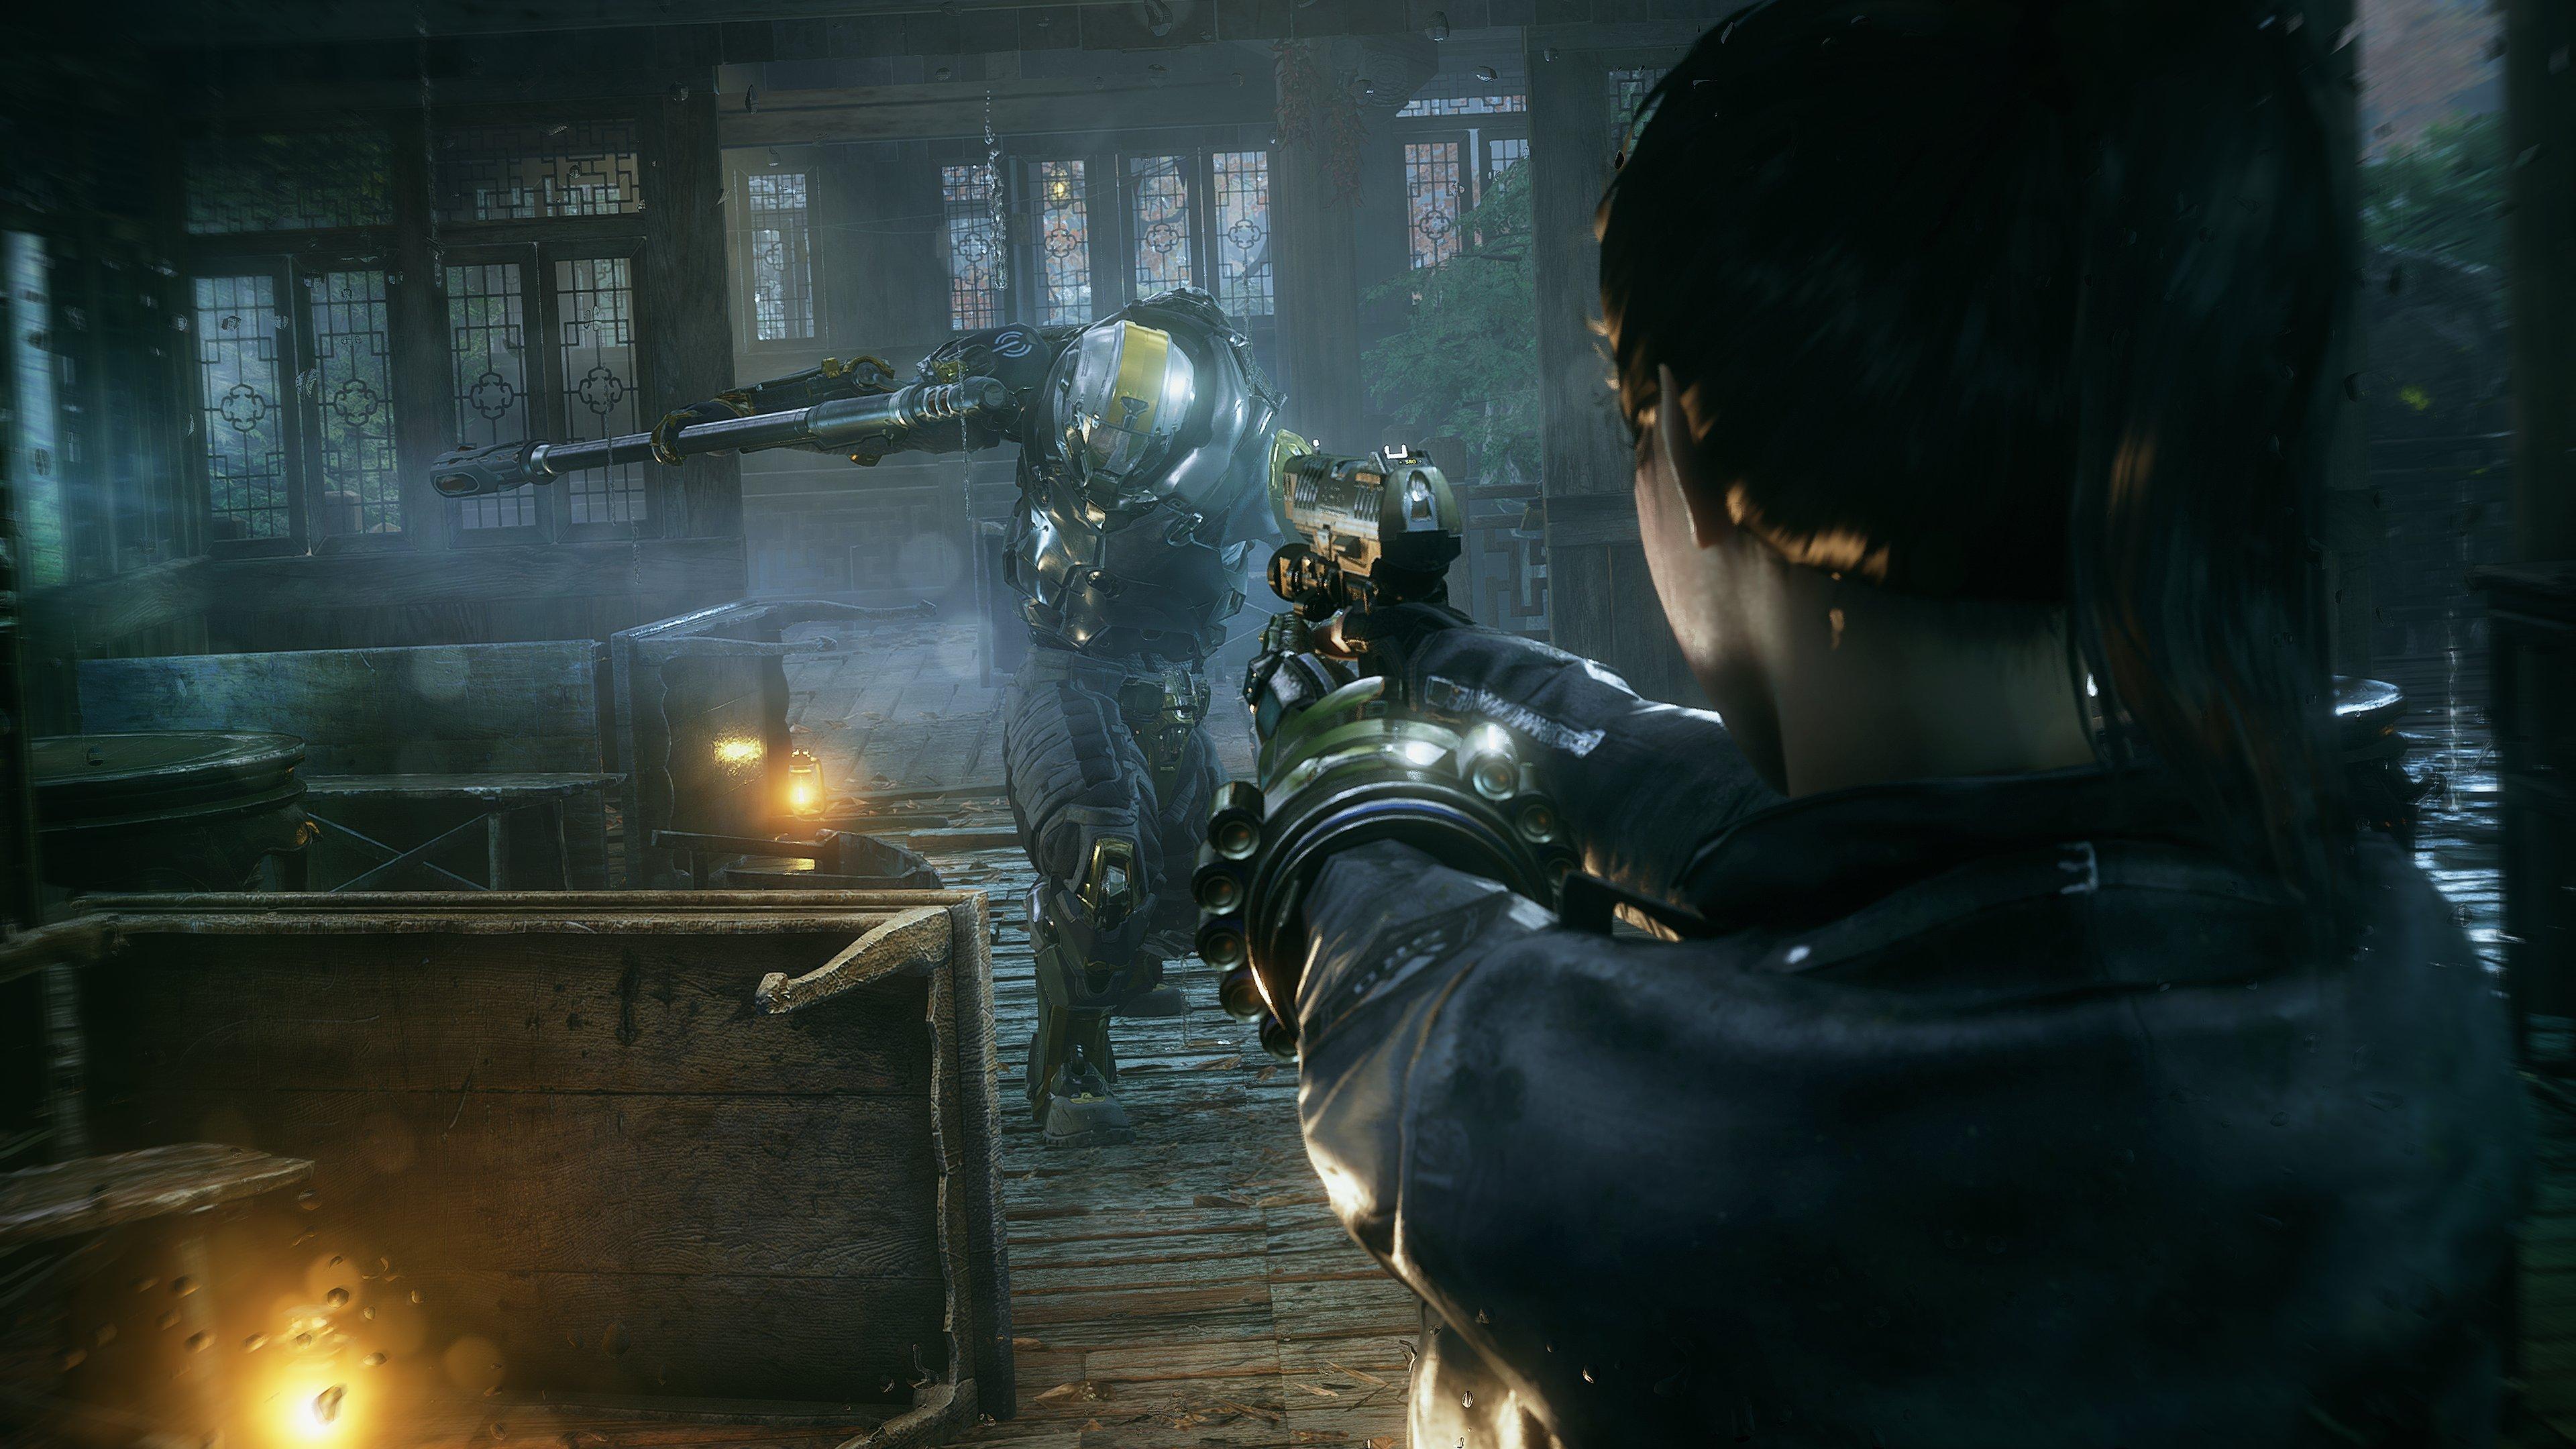 《光明记忆:无限》游戏截图 官方确认开发非常顺利